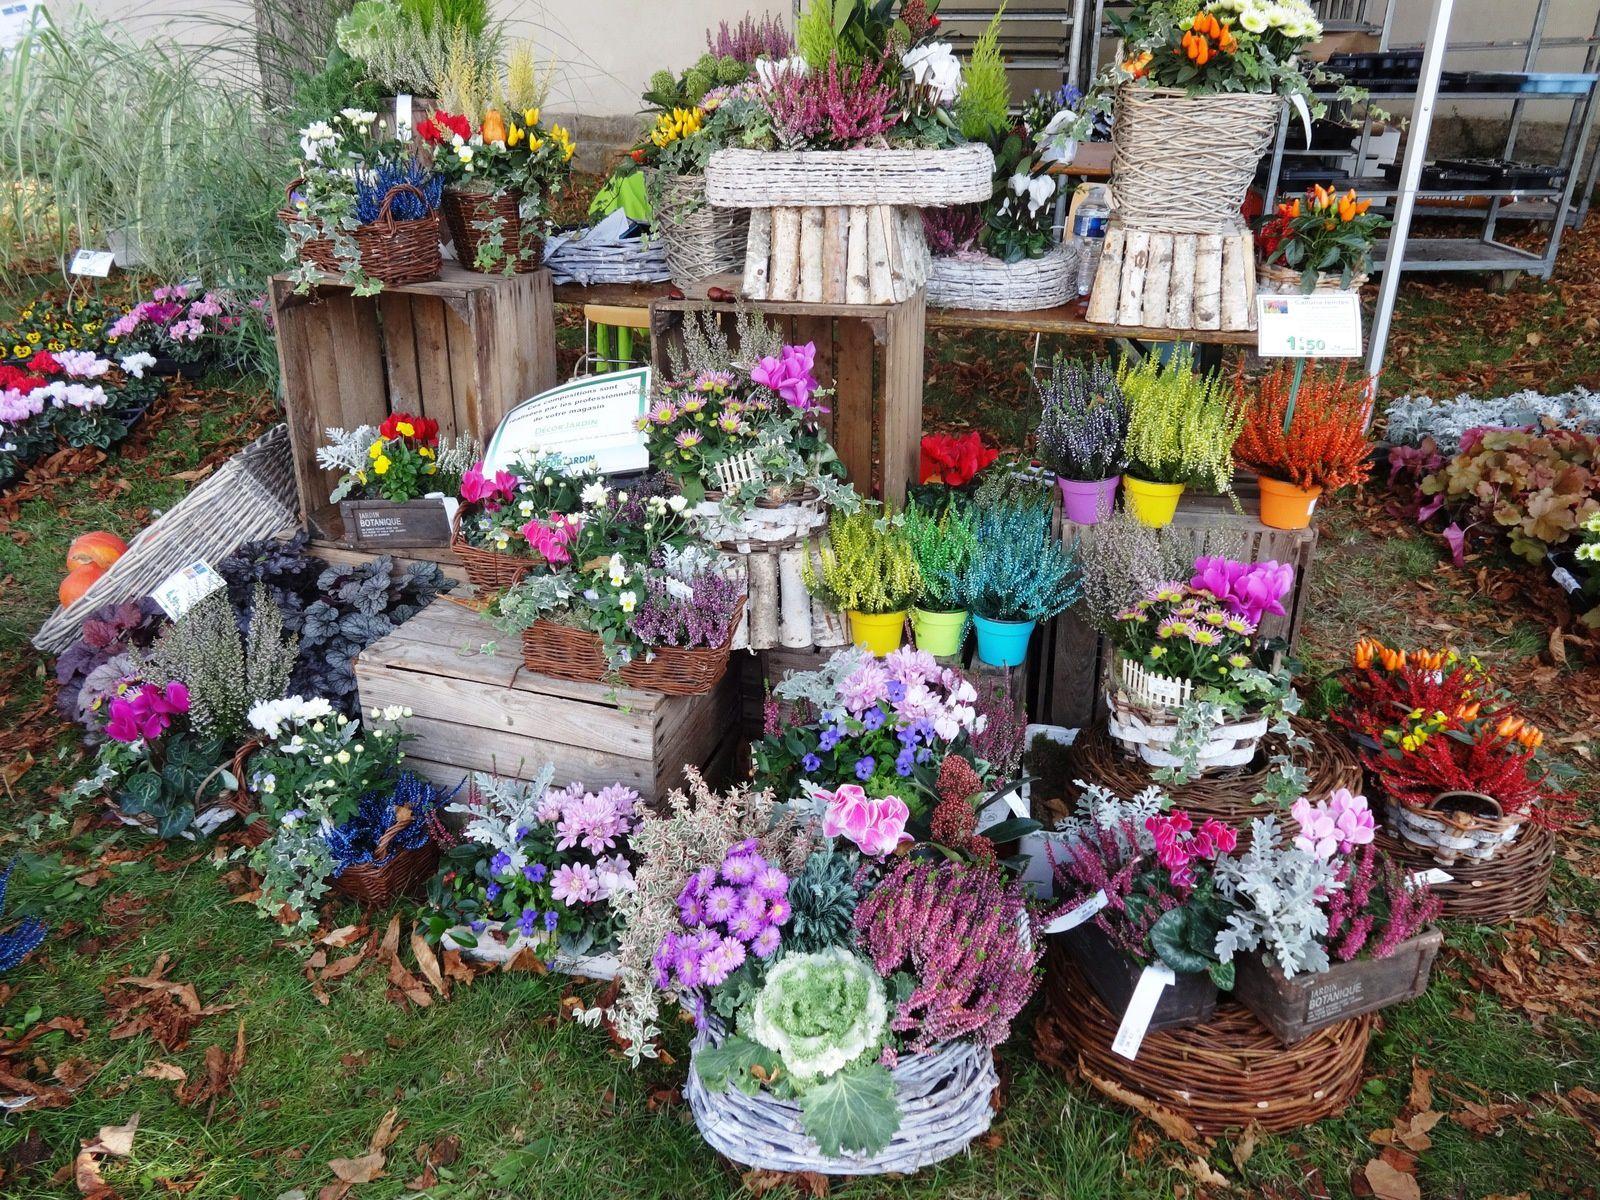 Nancy jardin extraordinaire saveurs d 39 automne le for Le jardin extraordinaire 09